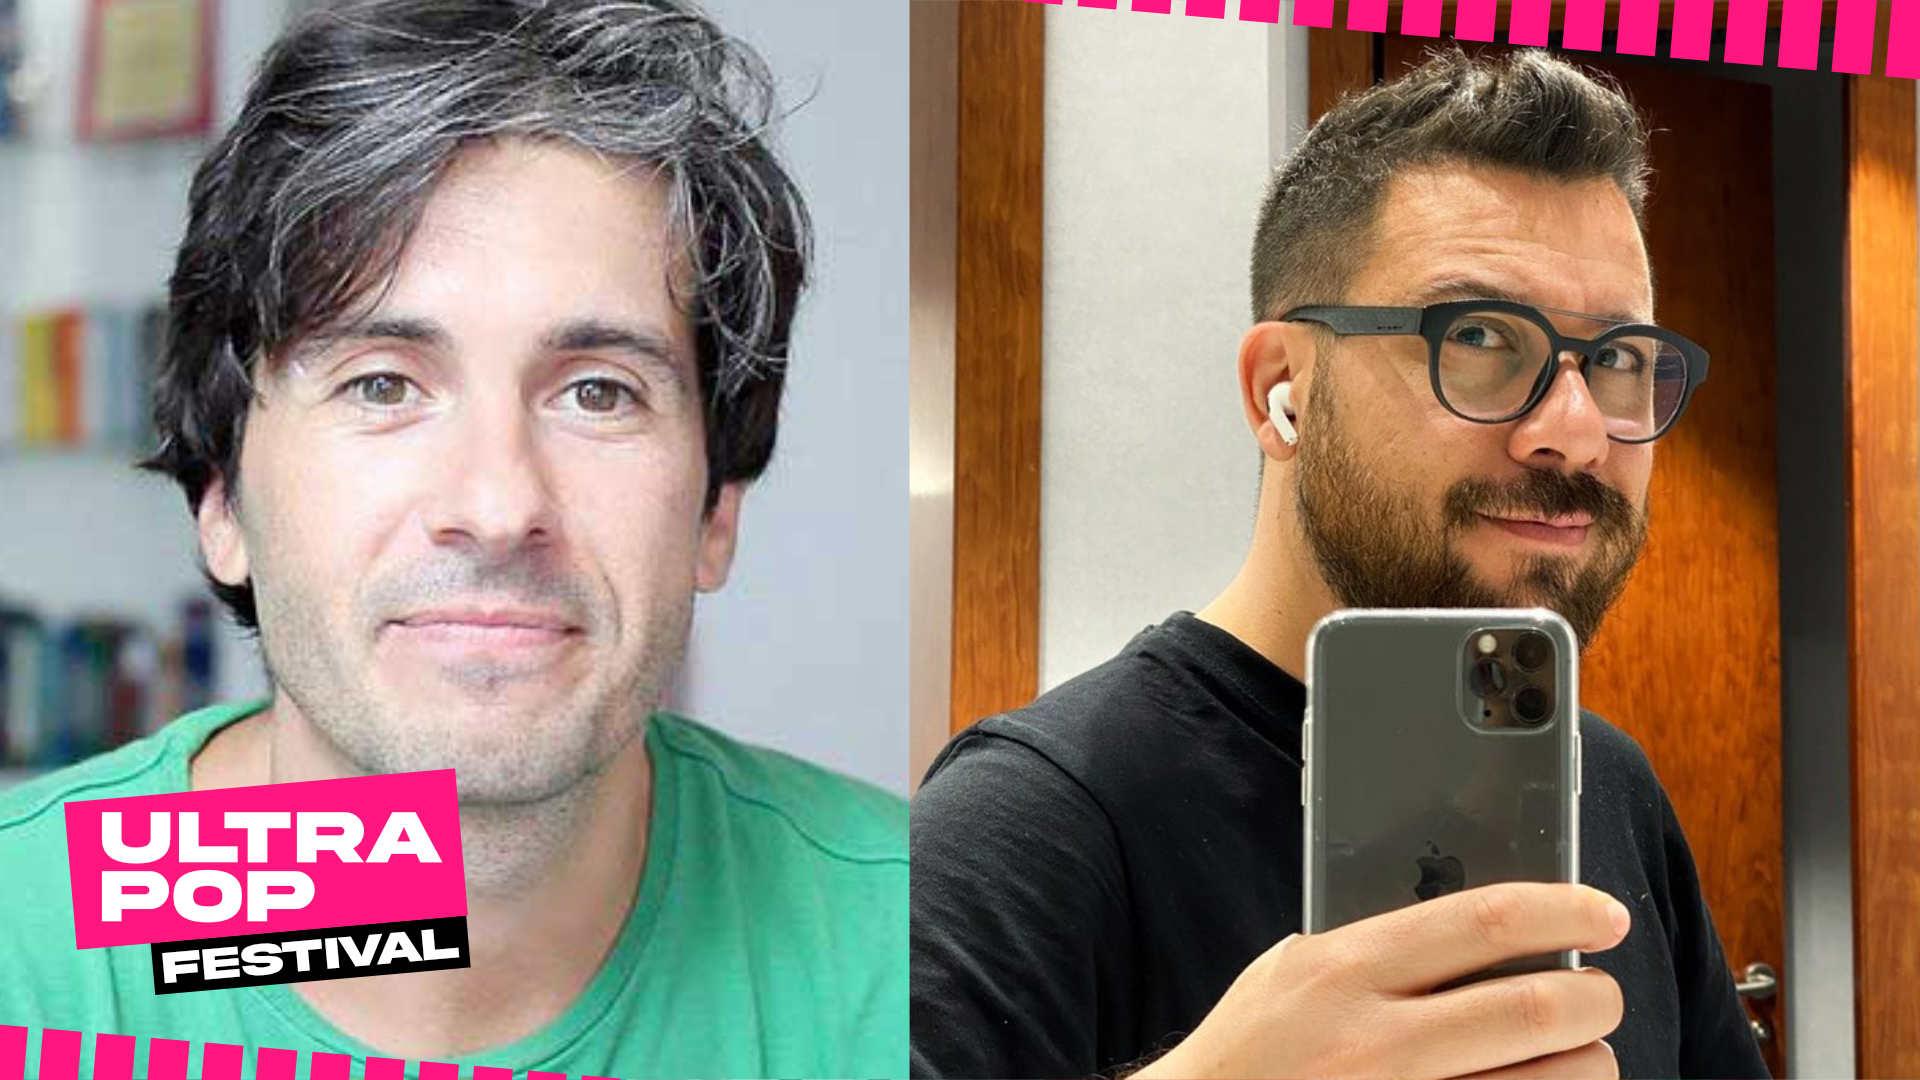 Youtuber Tech italiani: Manuel Agostini e Riccardo Palombo - UltraPop Festival 2020